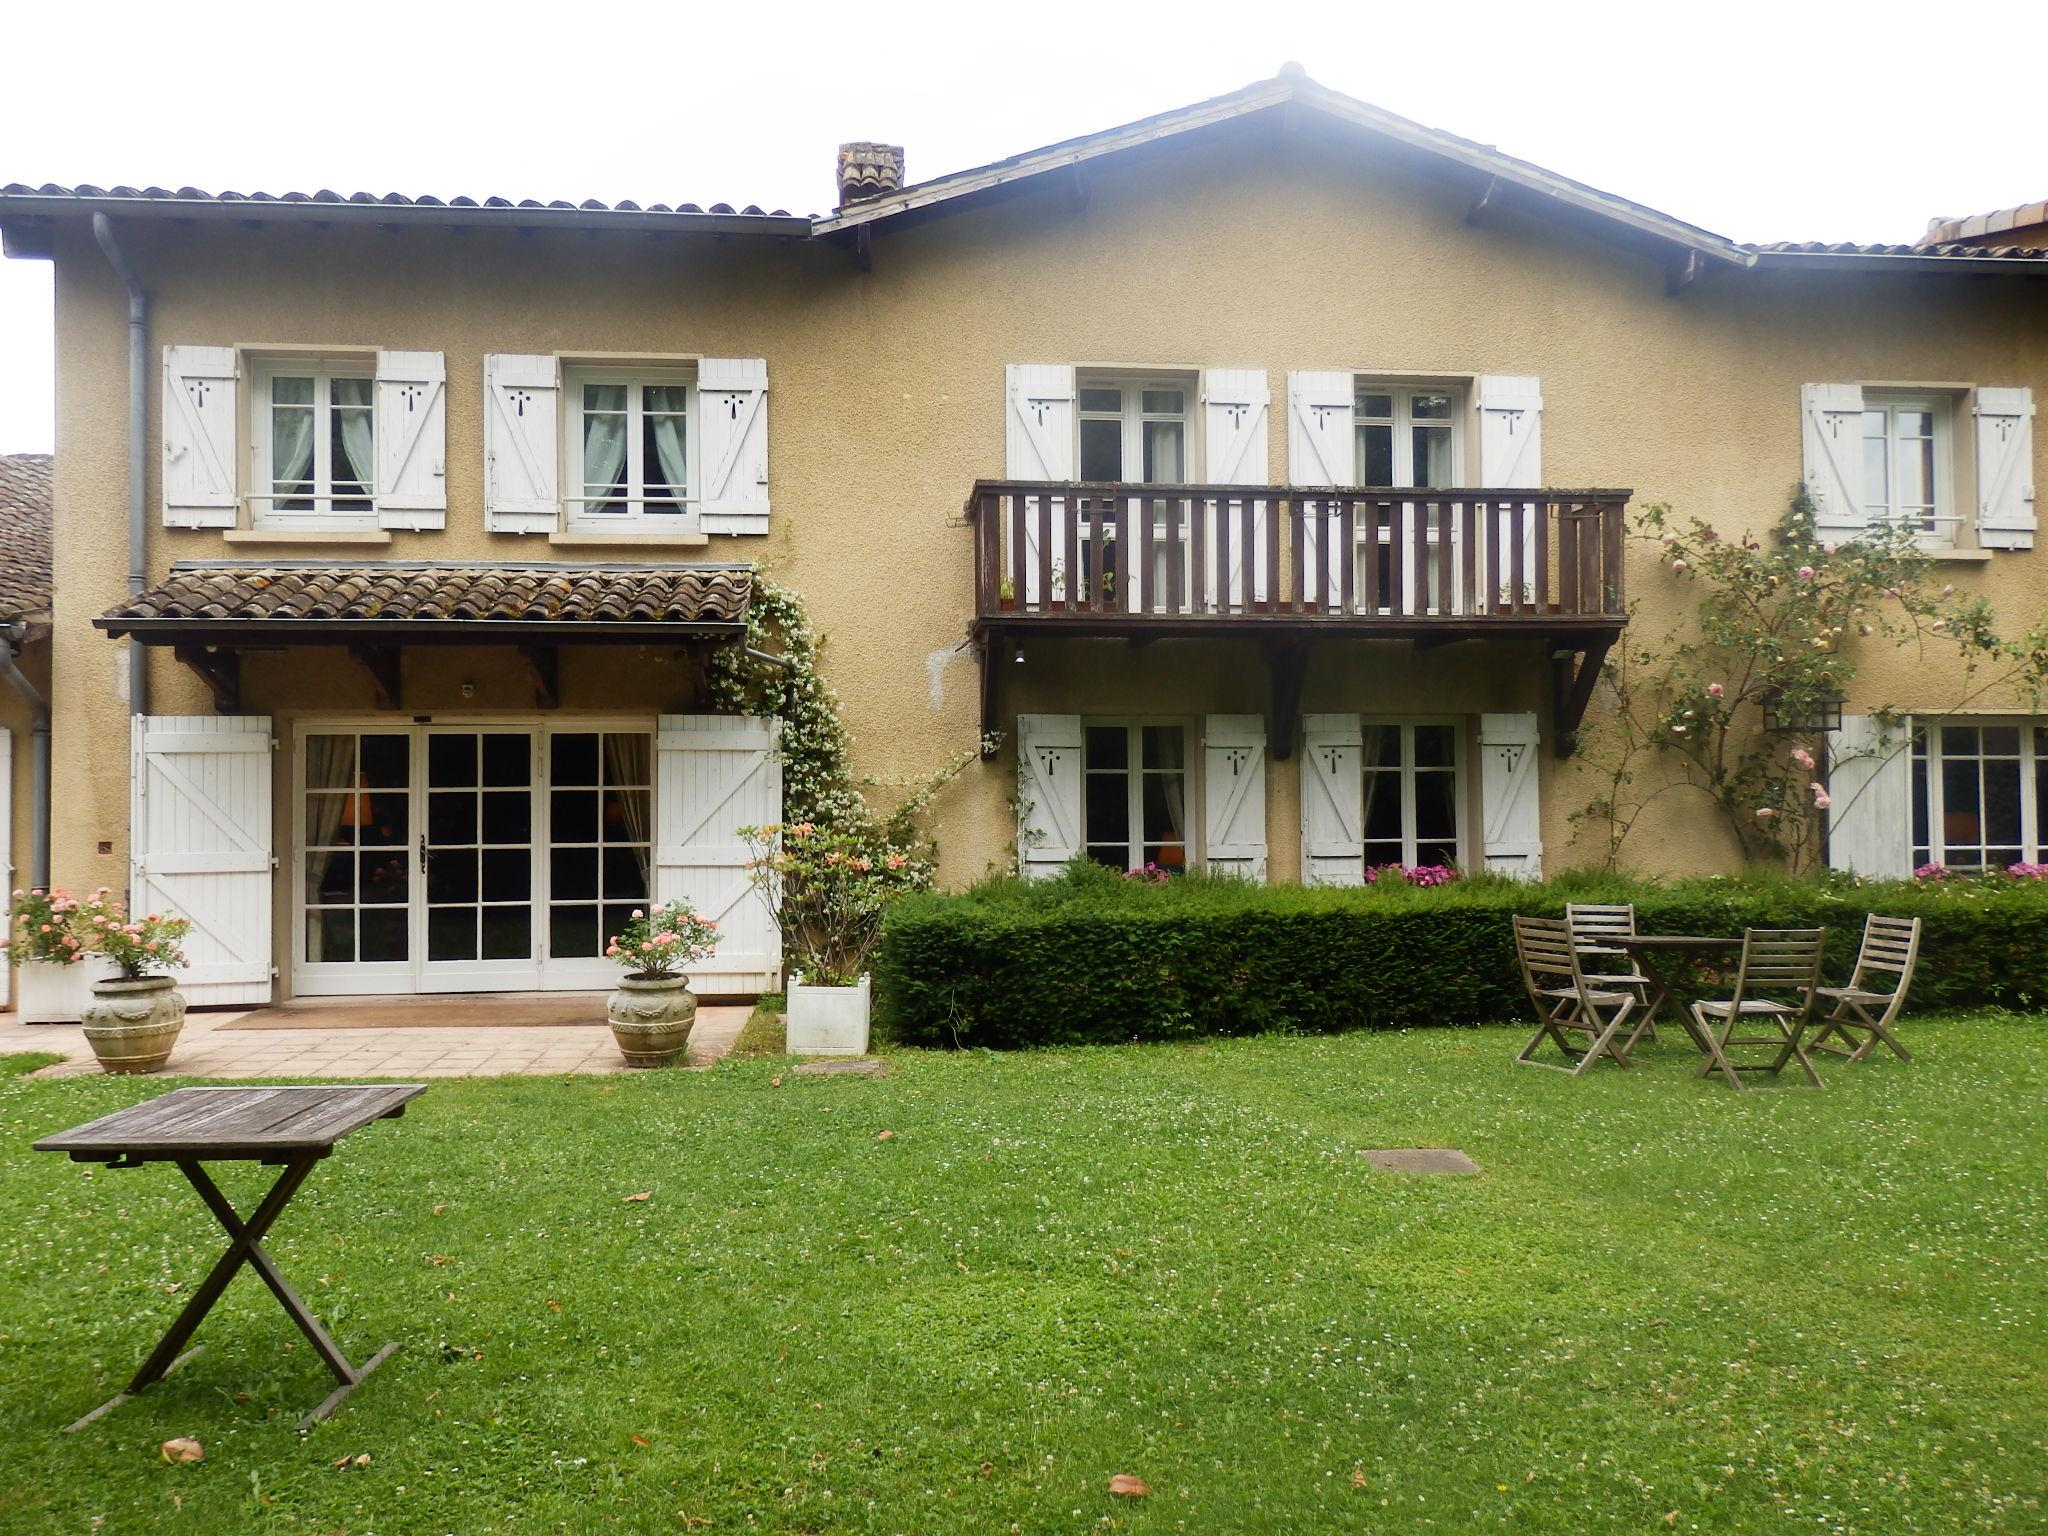 Hostellerie La Huchette